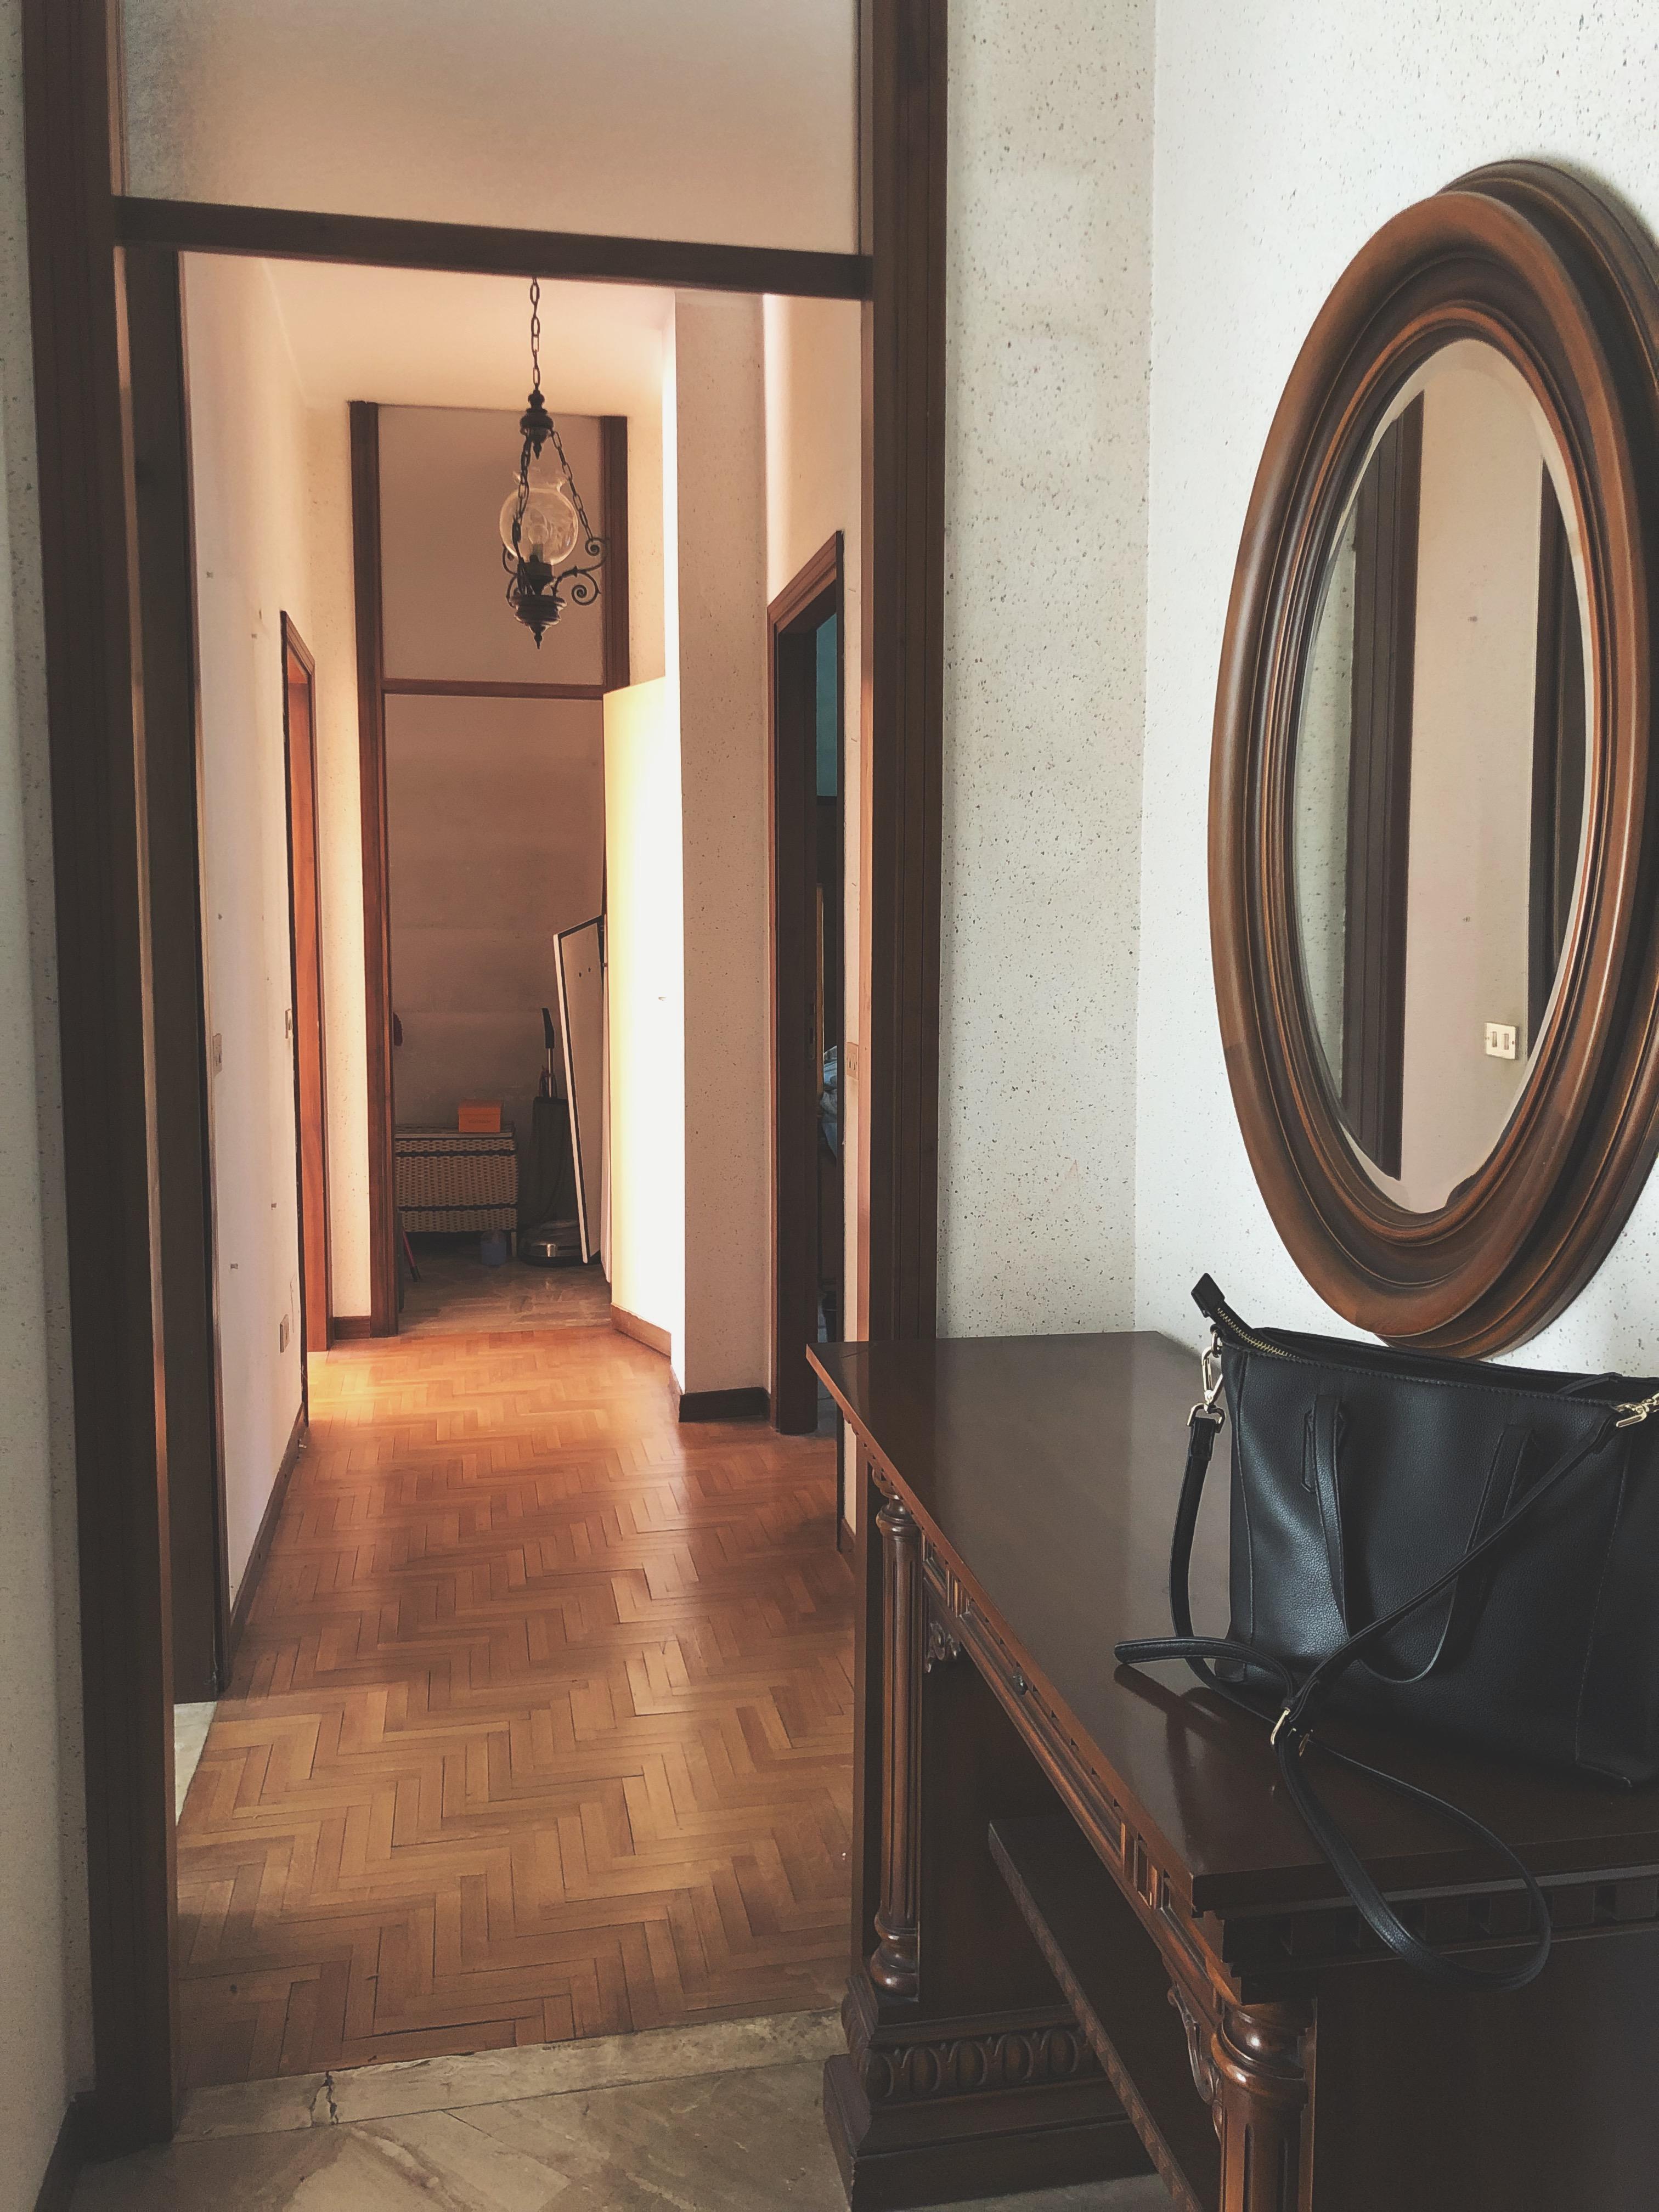 About Home - Inside ABHome: com'è ora e come sarà la nostra casa | About Beauty